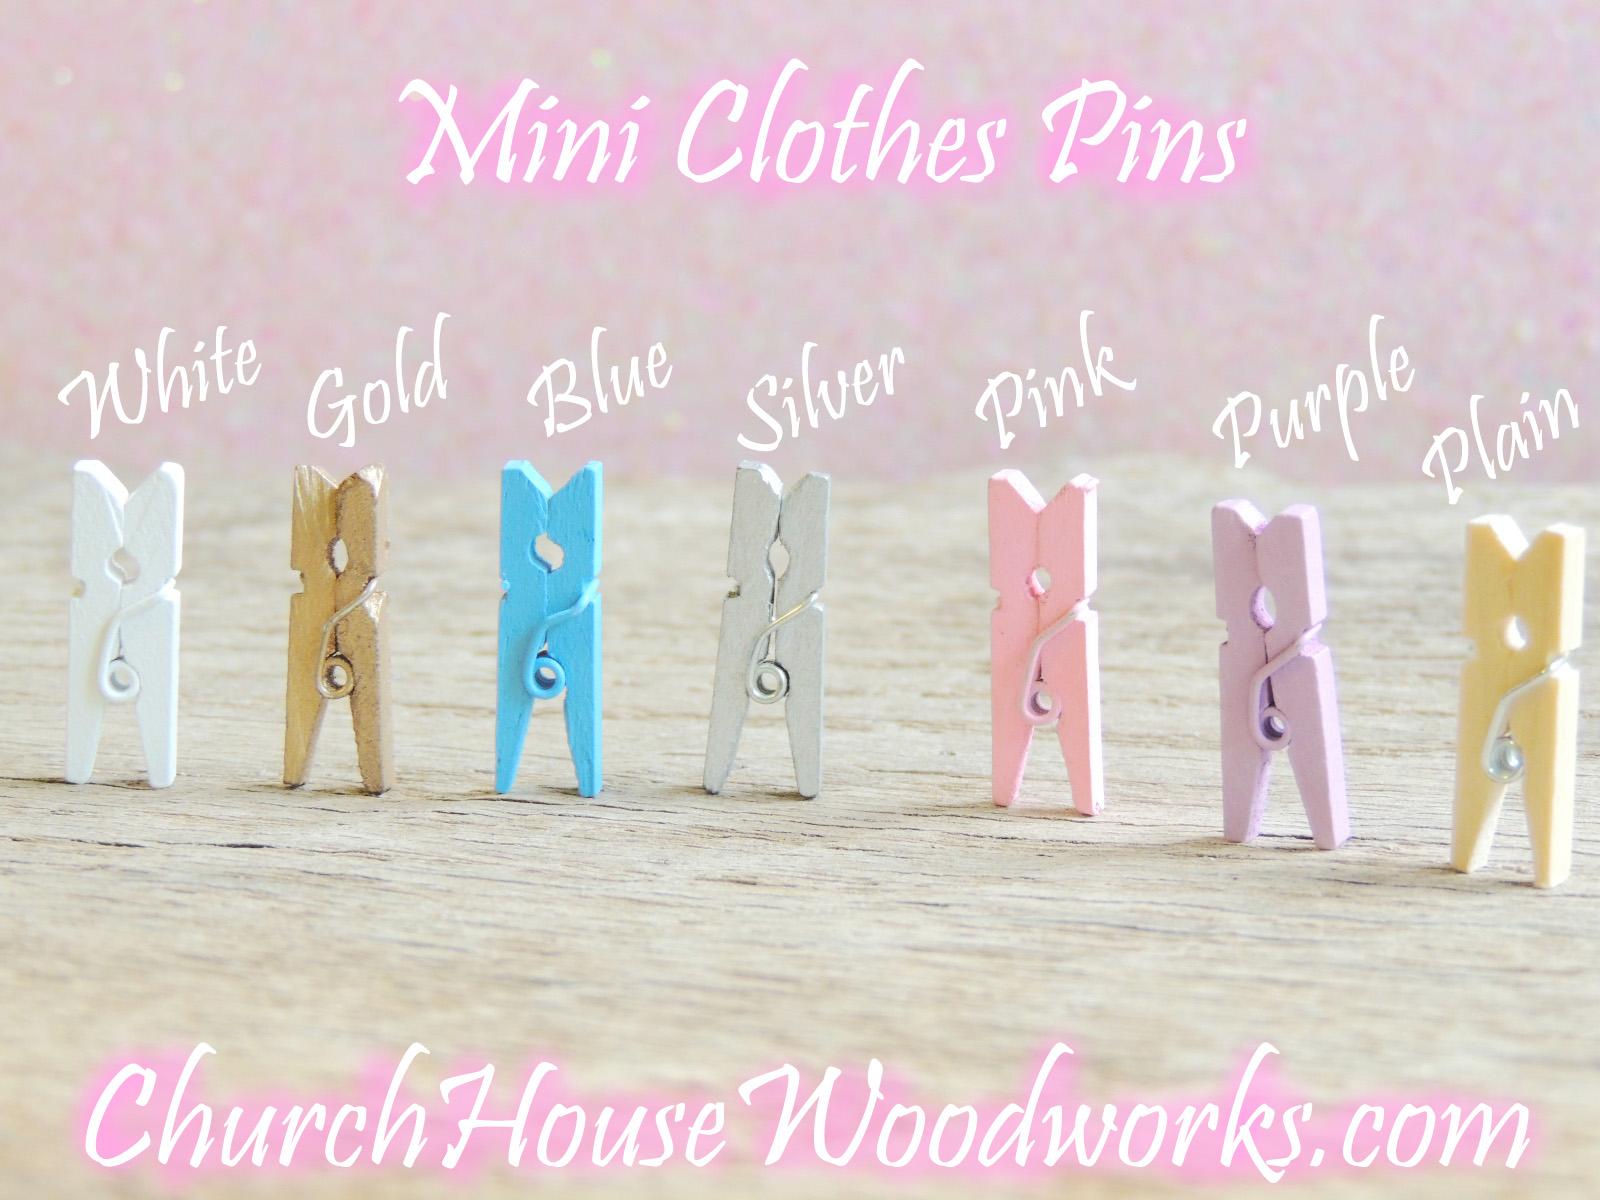 Rustic 4 Weddings: Mini Clothes Pins- Plain, White, Blue, Silver ...